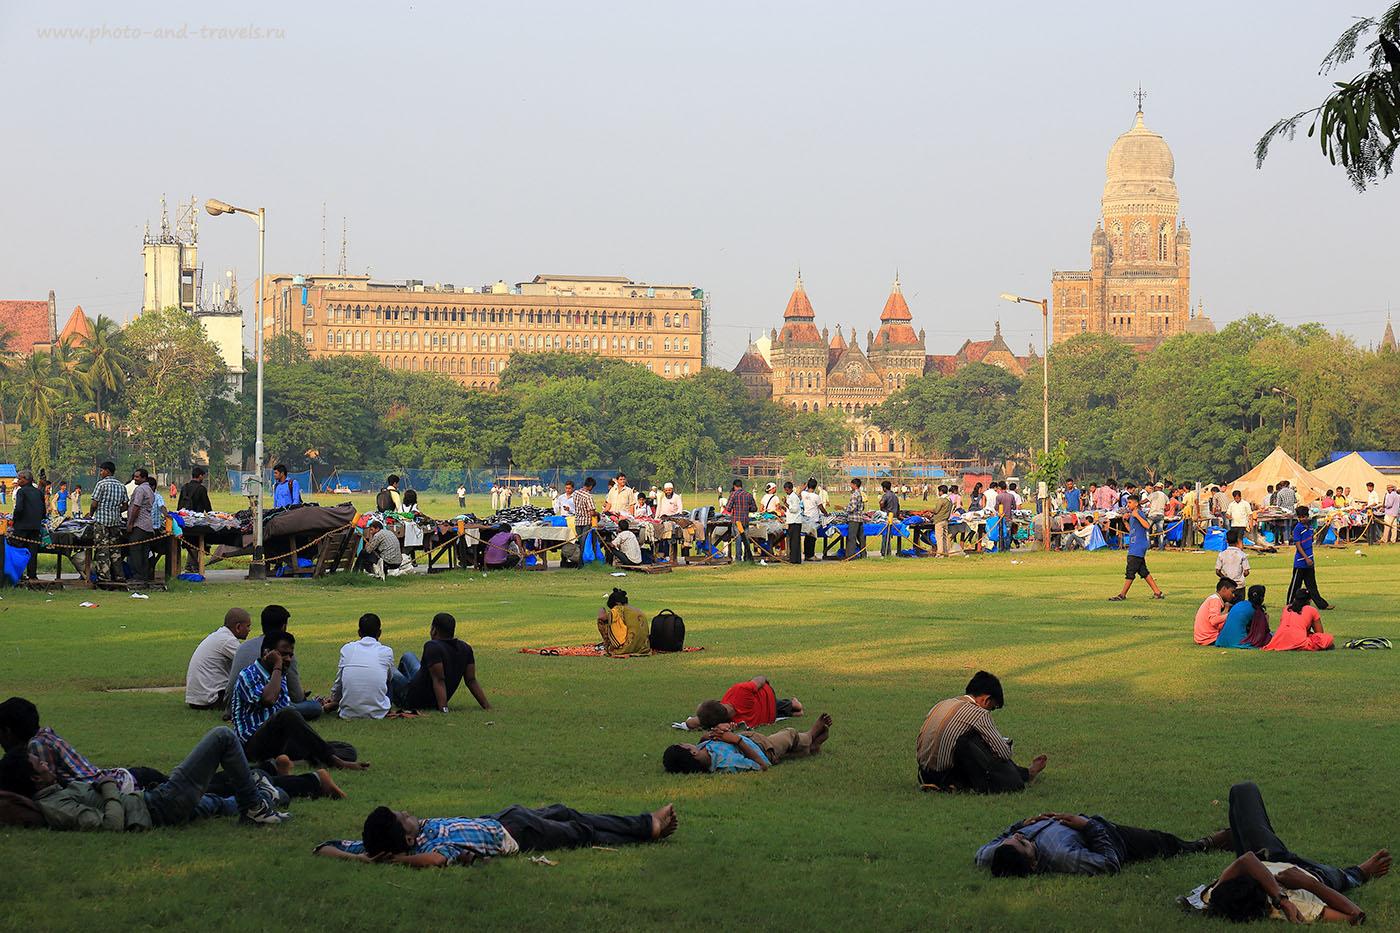 Фотография 4. Азад Мейден. Отчеты об экскурсии в Мумбаи самостоятельно. Поездка в Индию (24-70, 1/125, 0eV, f8, 70 mm, ISO 100)